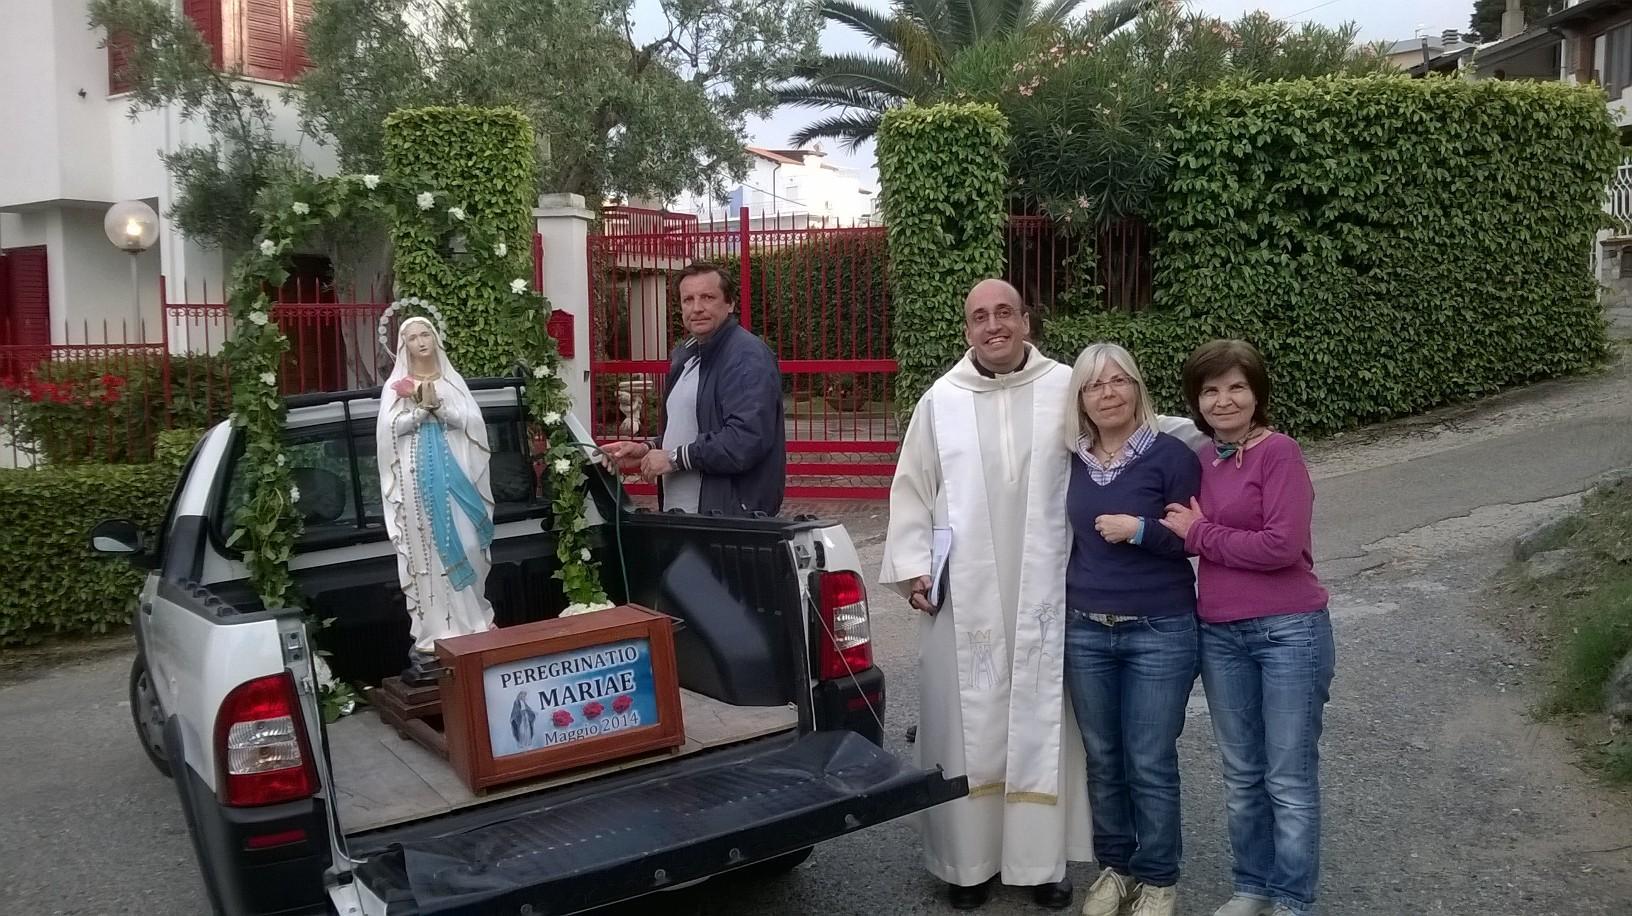 La Madonna Pellegrina per le vie di Caminia e Copanello